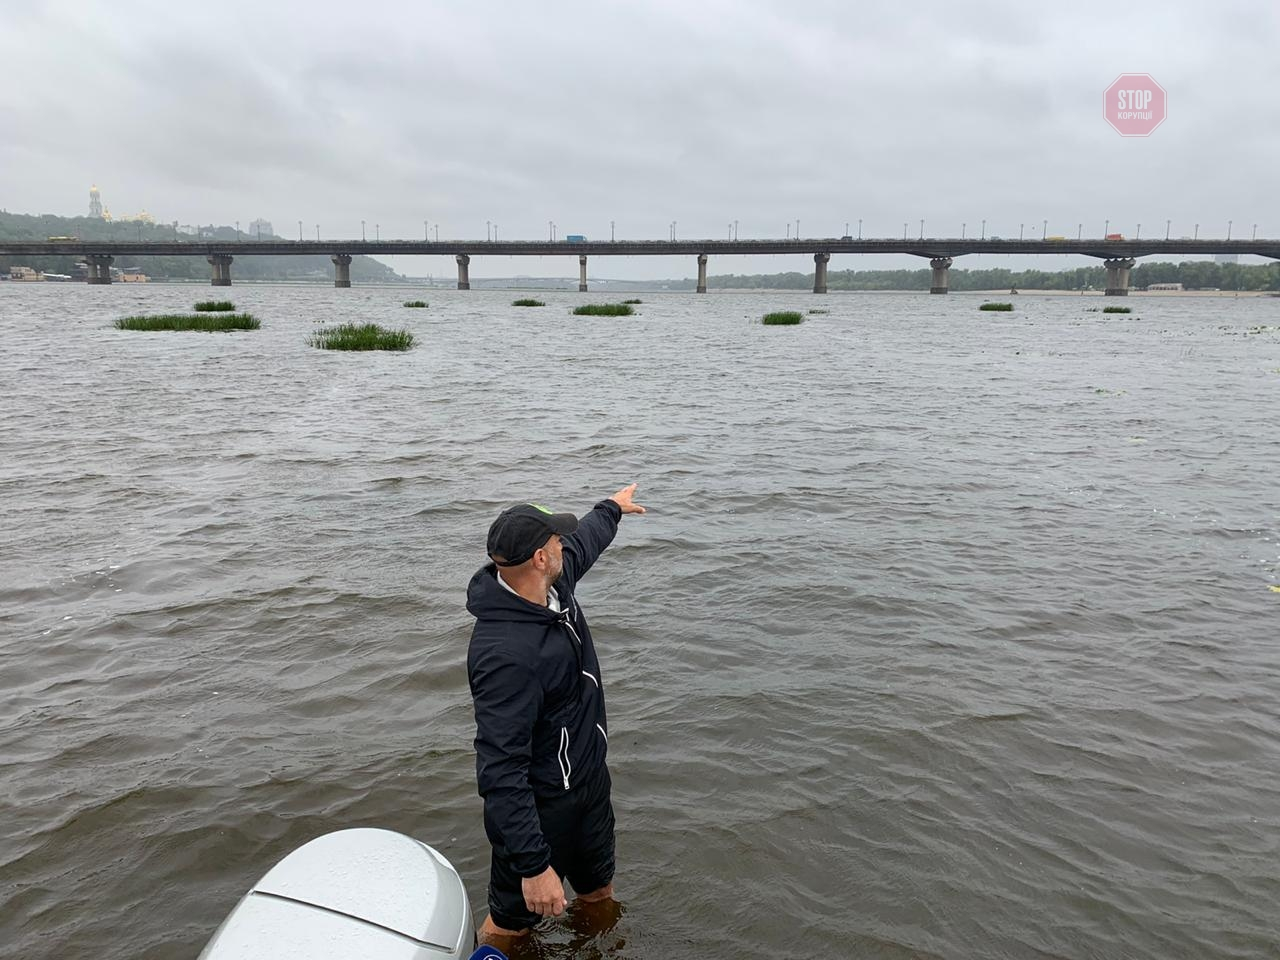 Посеред Дніпра можна стояти по коліно : головна річка України значно обміліла -  - WhatsApp Image 2019 08 16 at 11.23.12